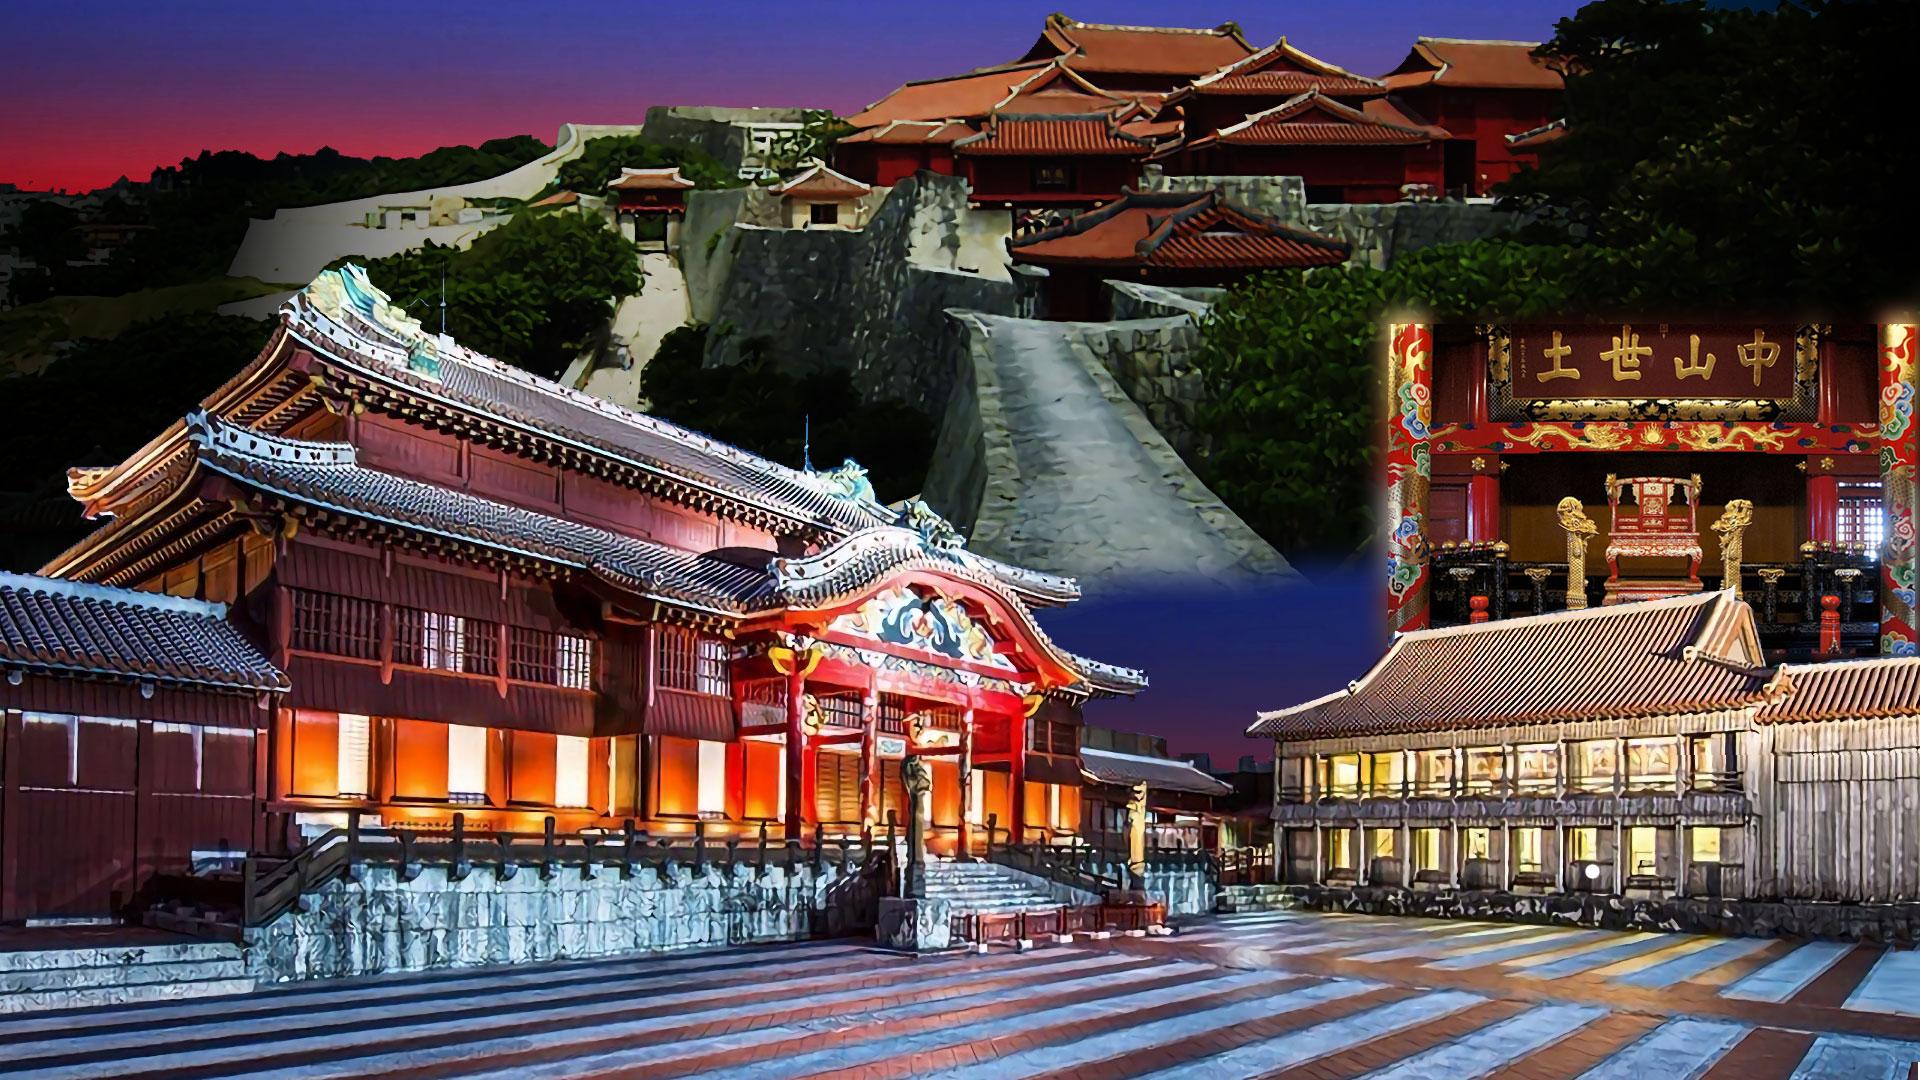 沖縄の壁紙首里城いろいろ